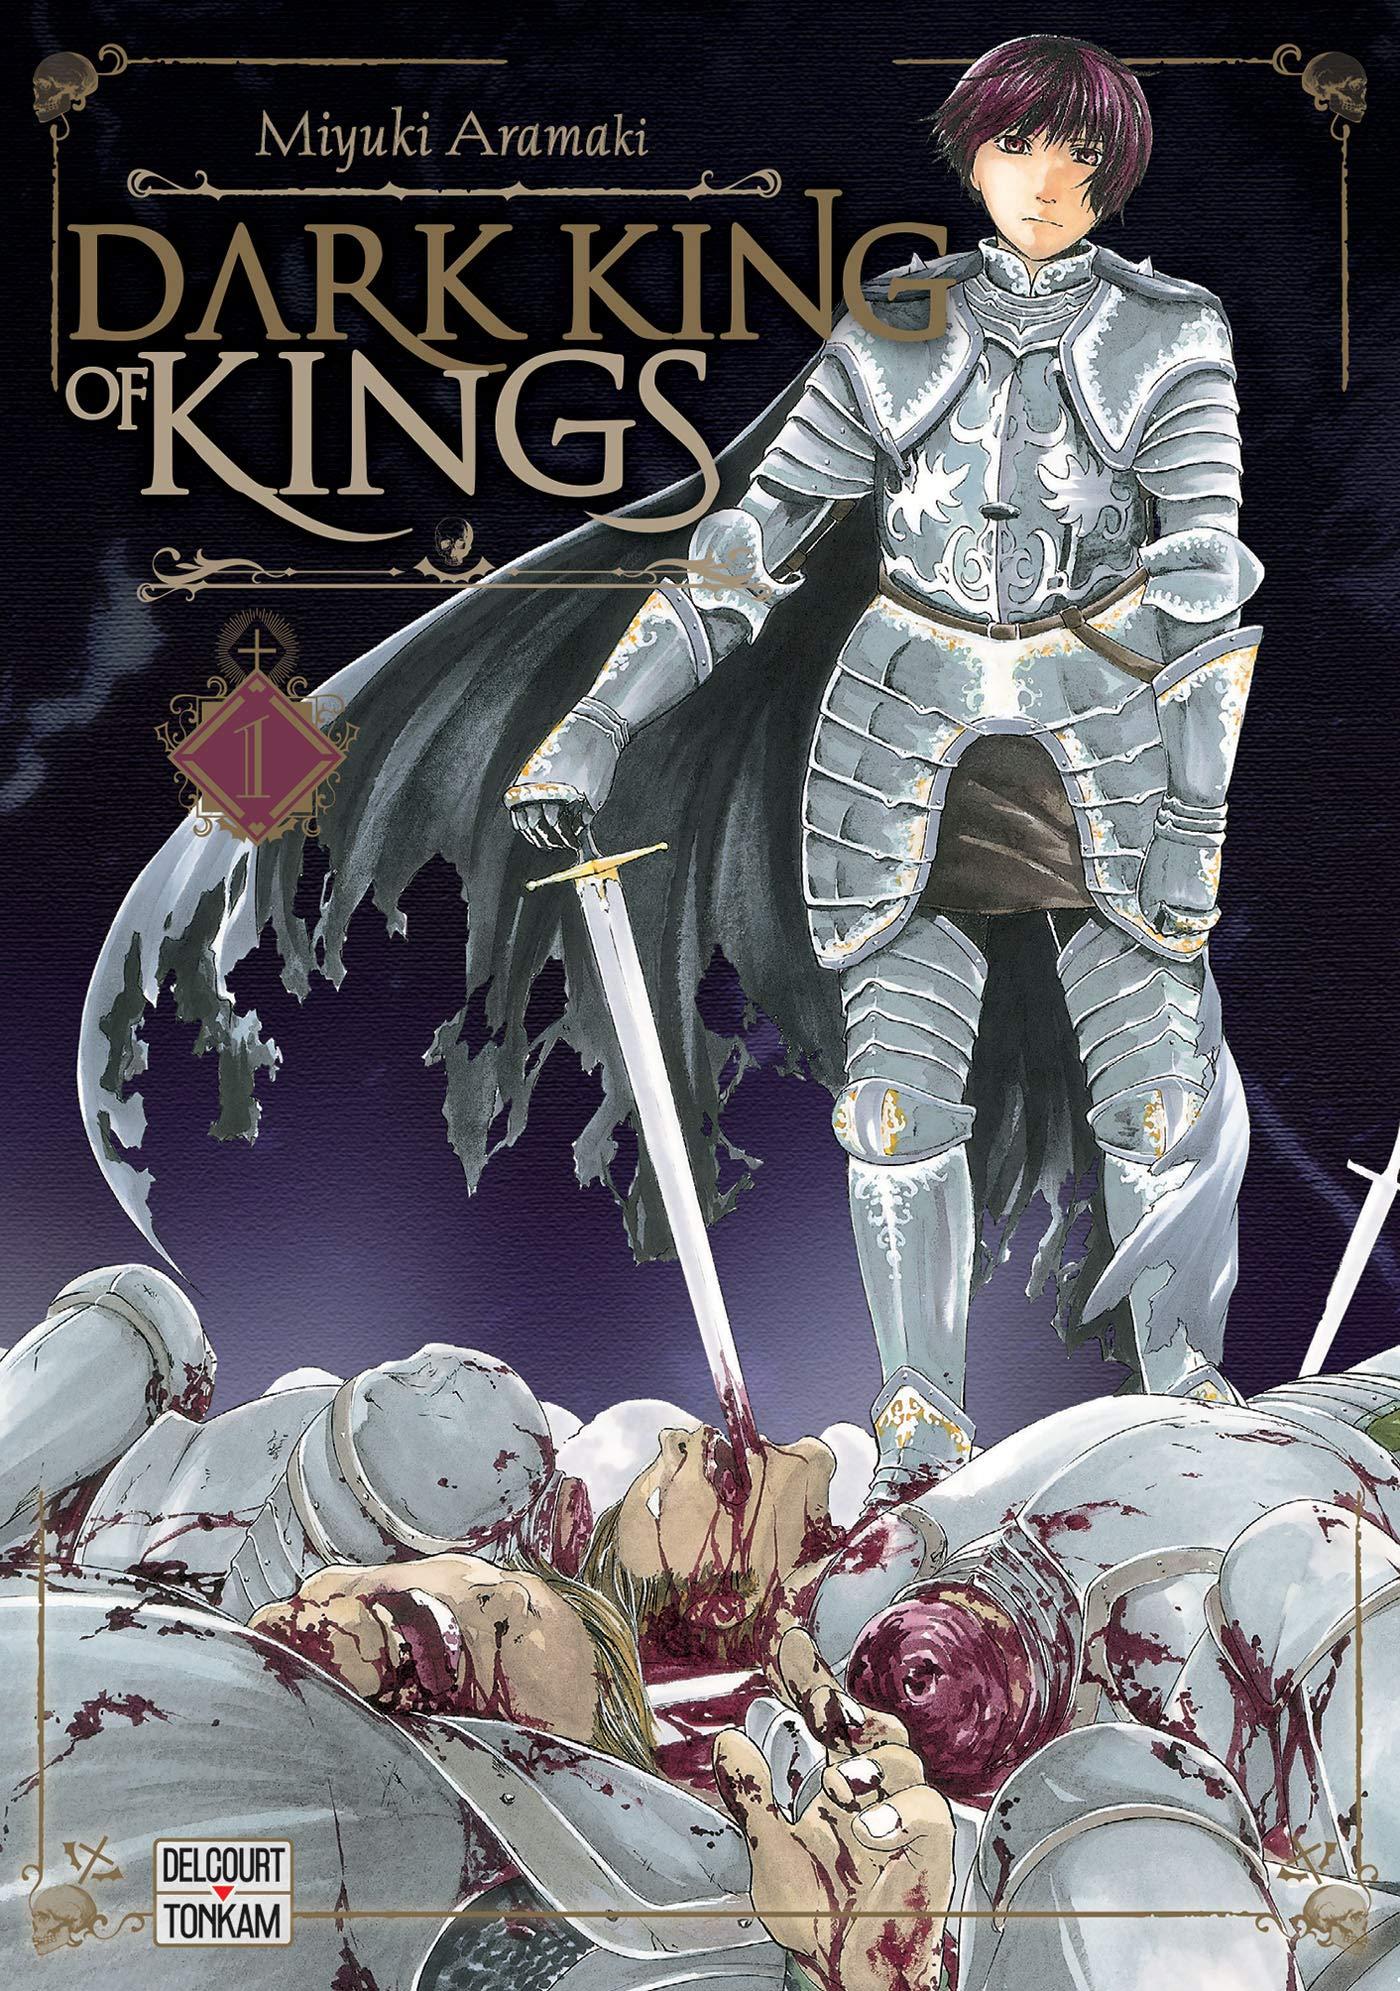 Dark king of kings 1